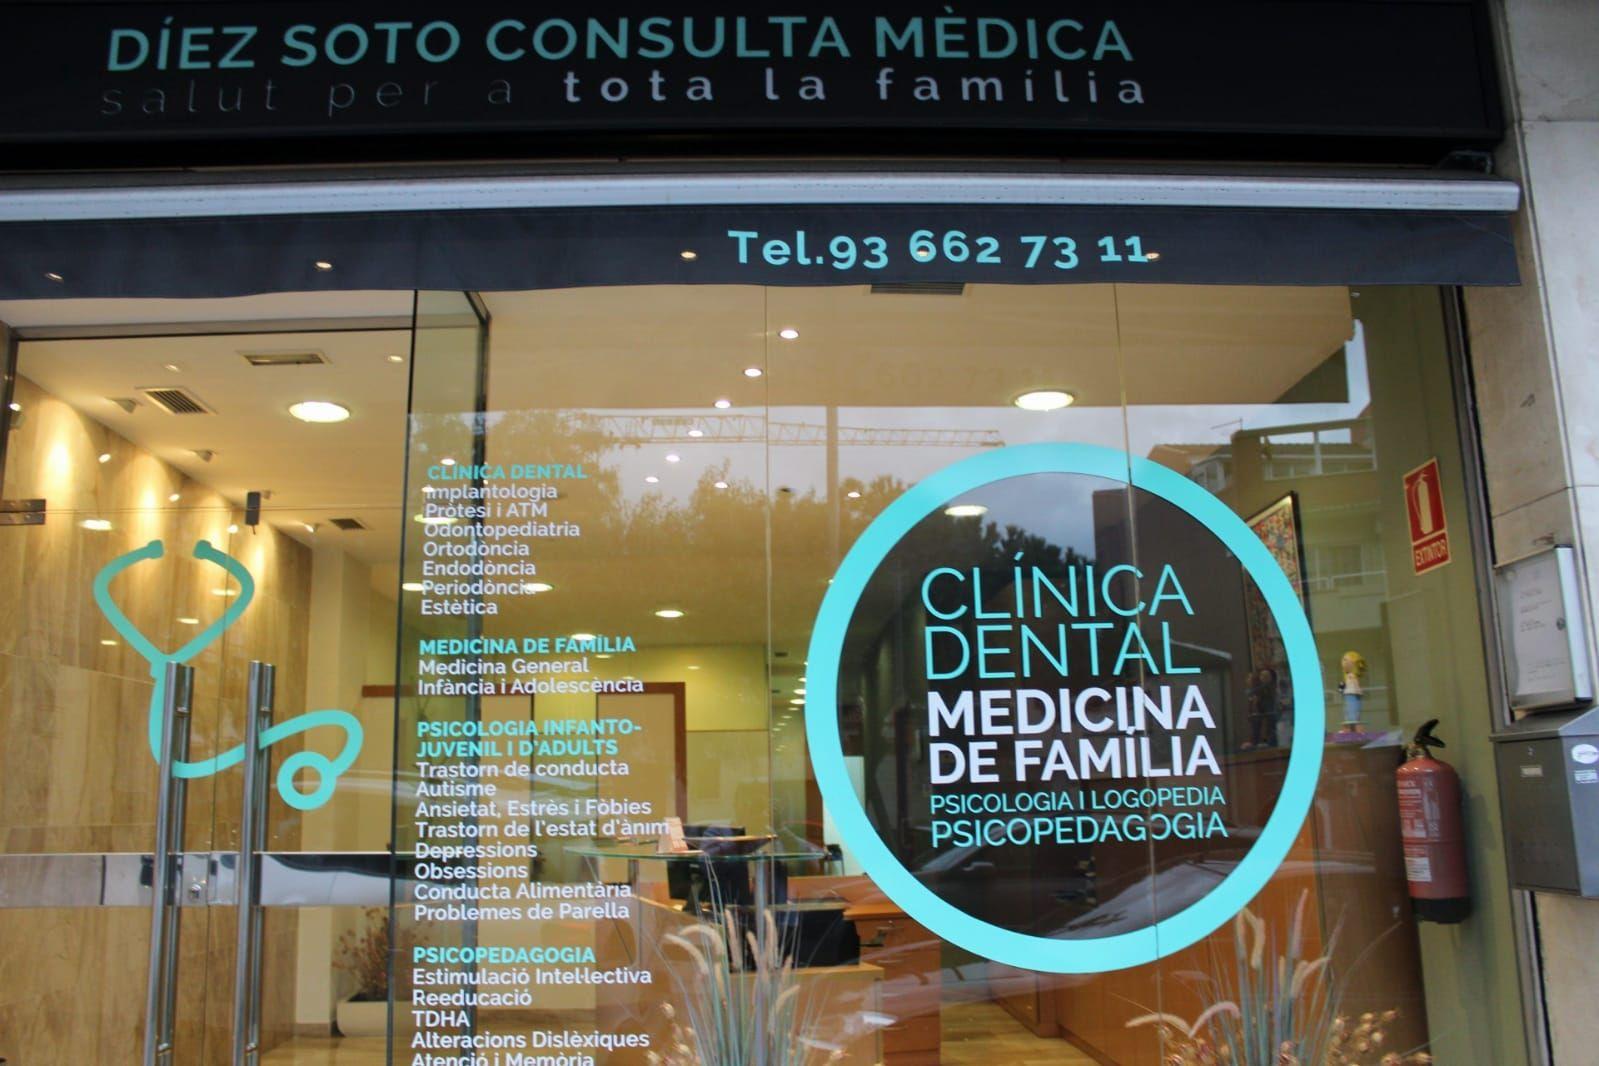 Foto 7 de Clínicas dentales en  | Centro Médico Díez Soto